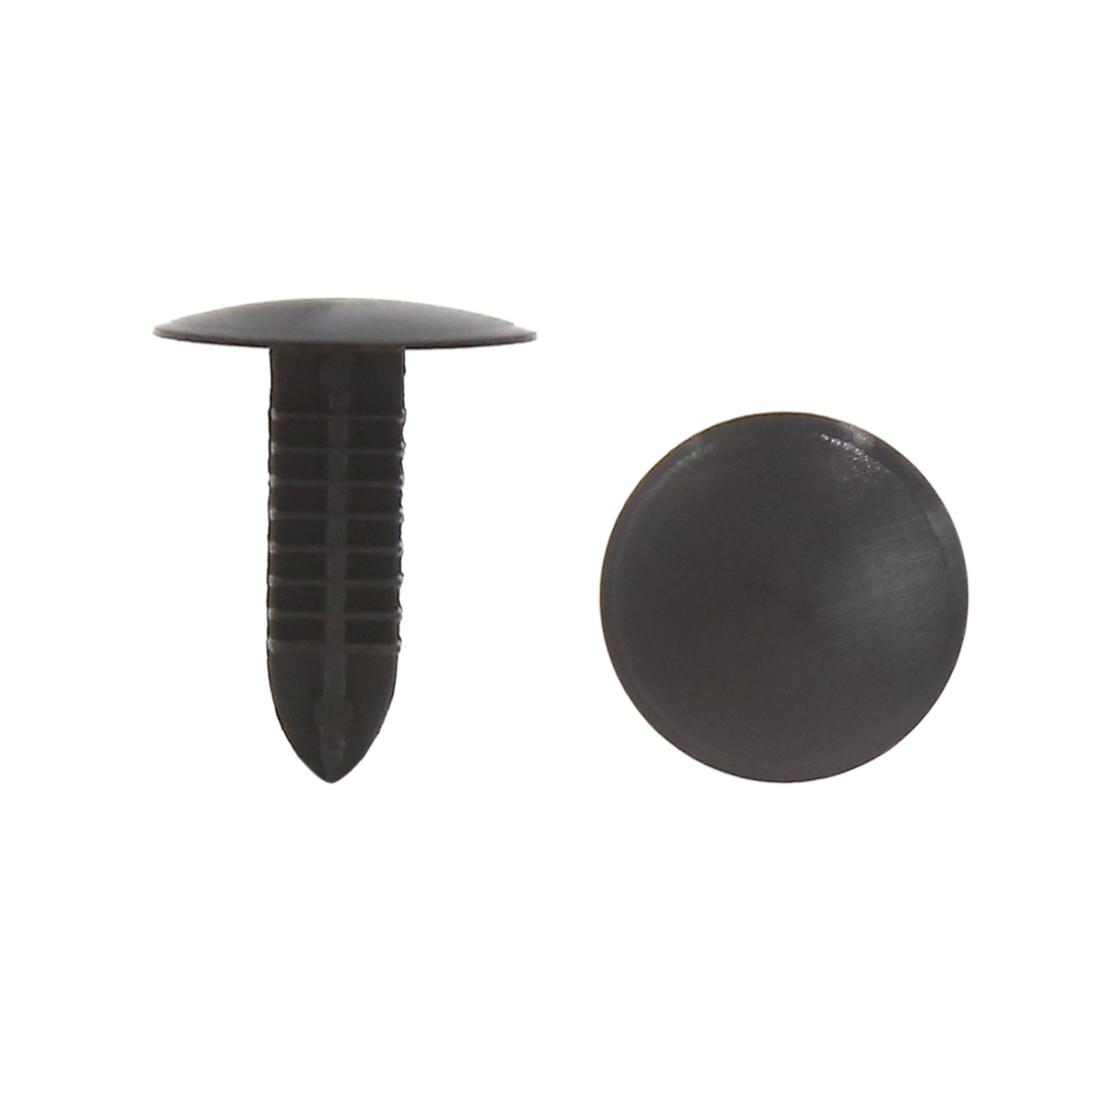 100Pcs Black Plastic Rivet Door Trim Panel Hood Moulding Clips 5 x 5mm for Car